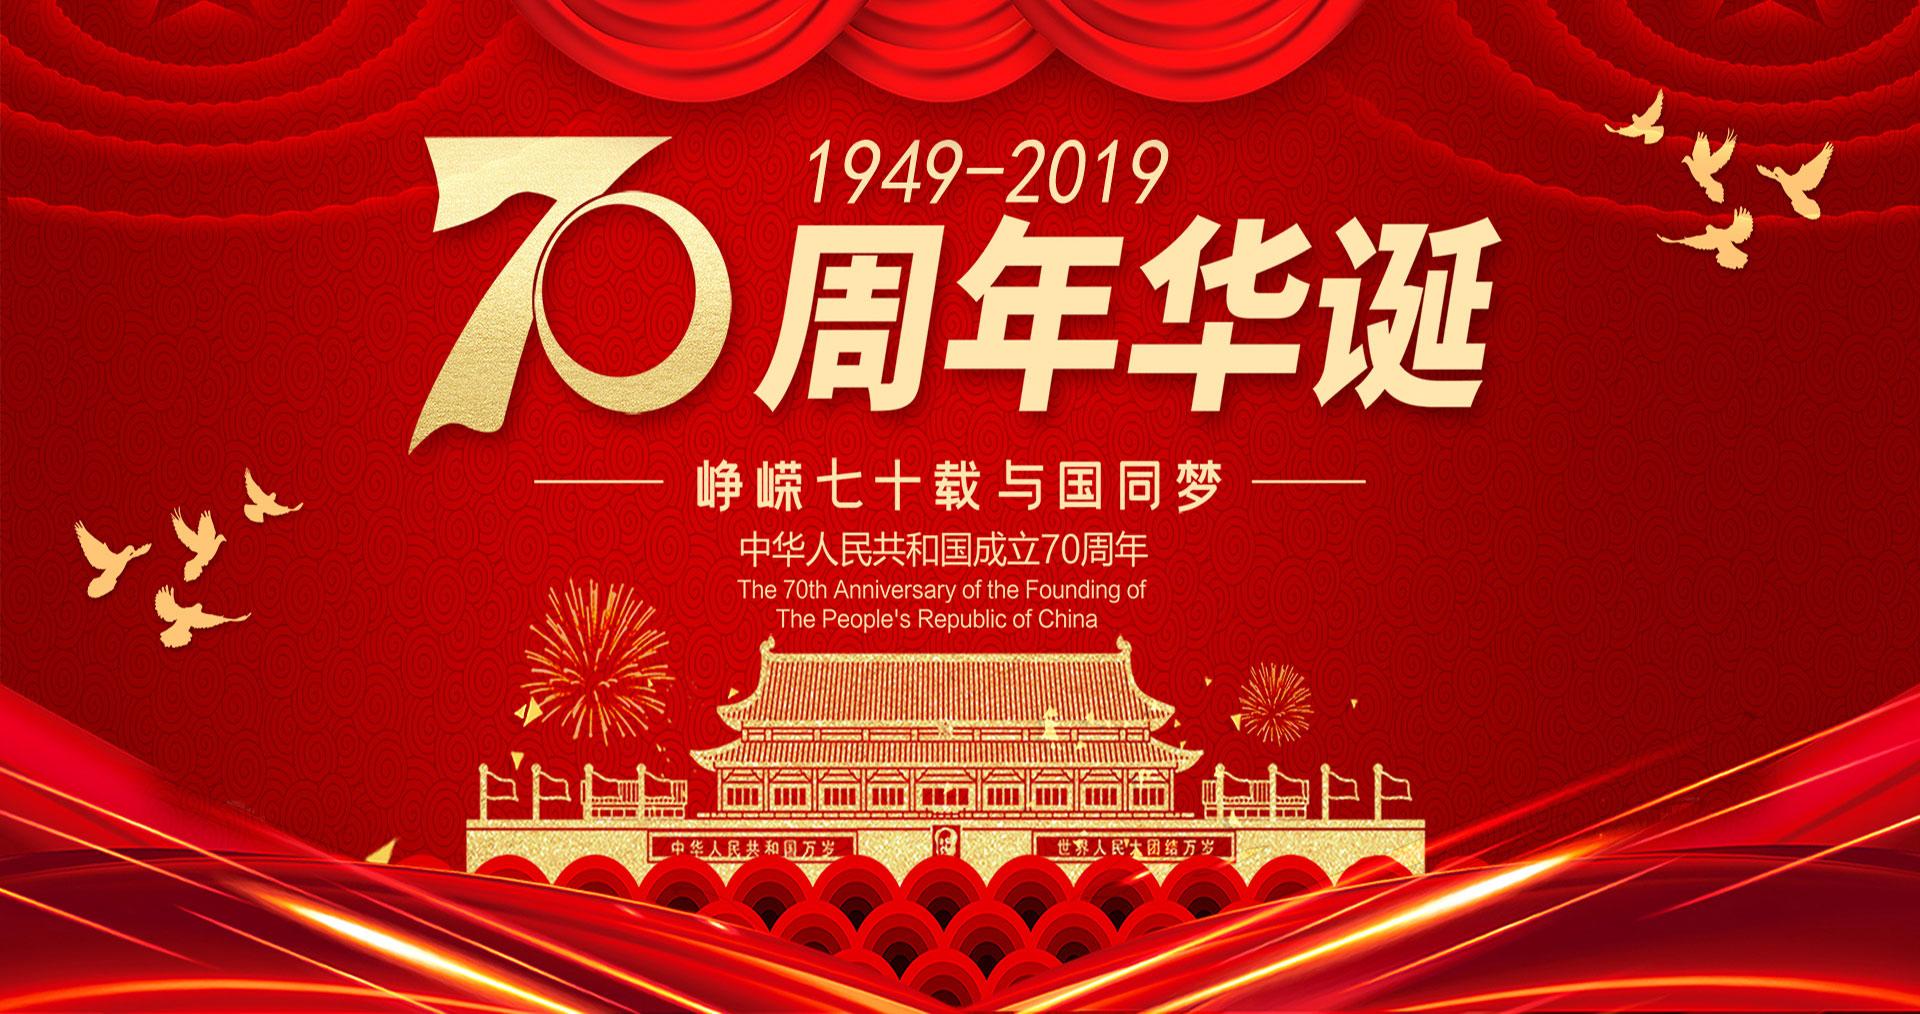 广西桂冰记酸菜鱼粉加盟连锁有限公司祝祖国母亲70岁生日快乐